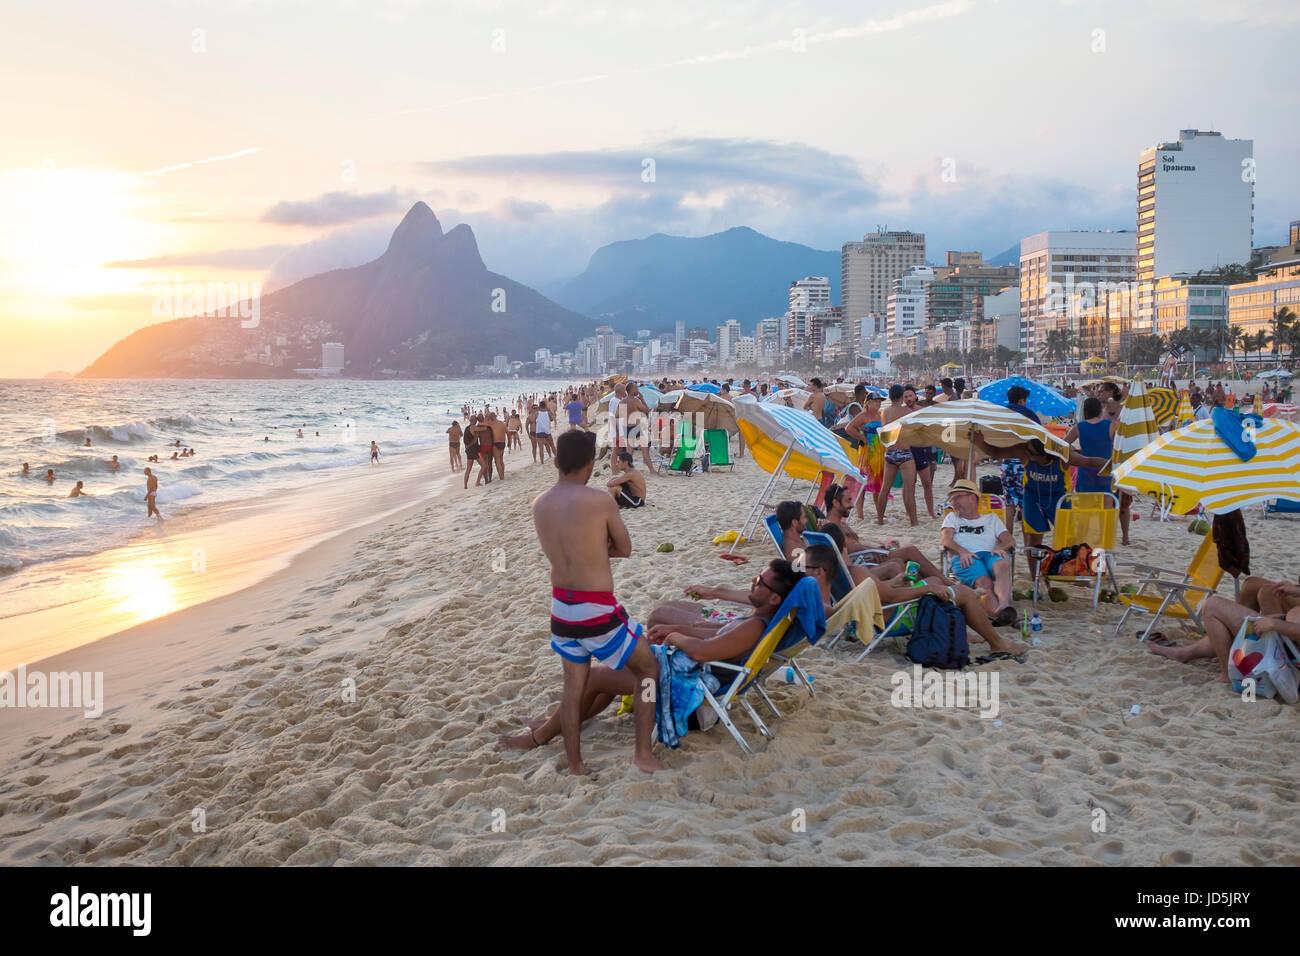 RIO DE JANEIRO - 27. Januar 2017: Strandbesucher am Strand von Ipanema lehnen Sie sich zurück in den Sonnenuntergang Stockbild